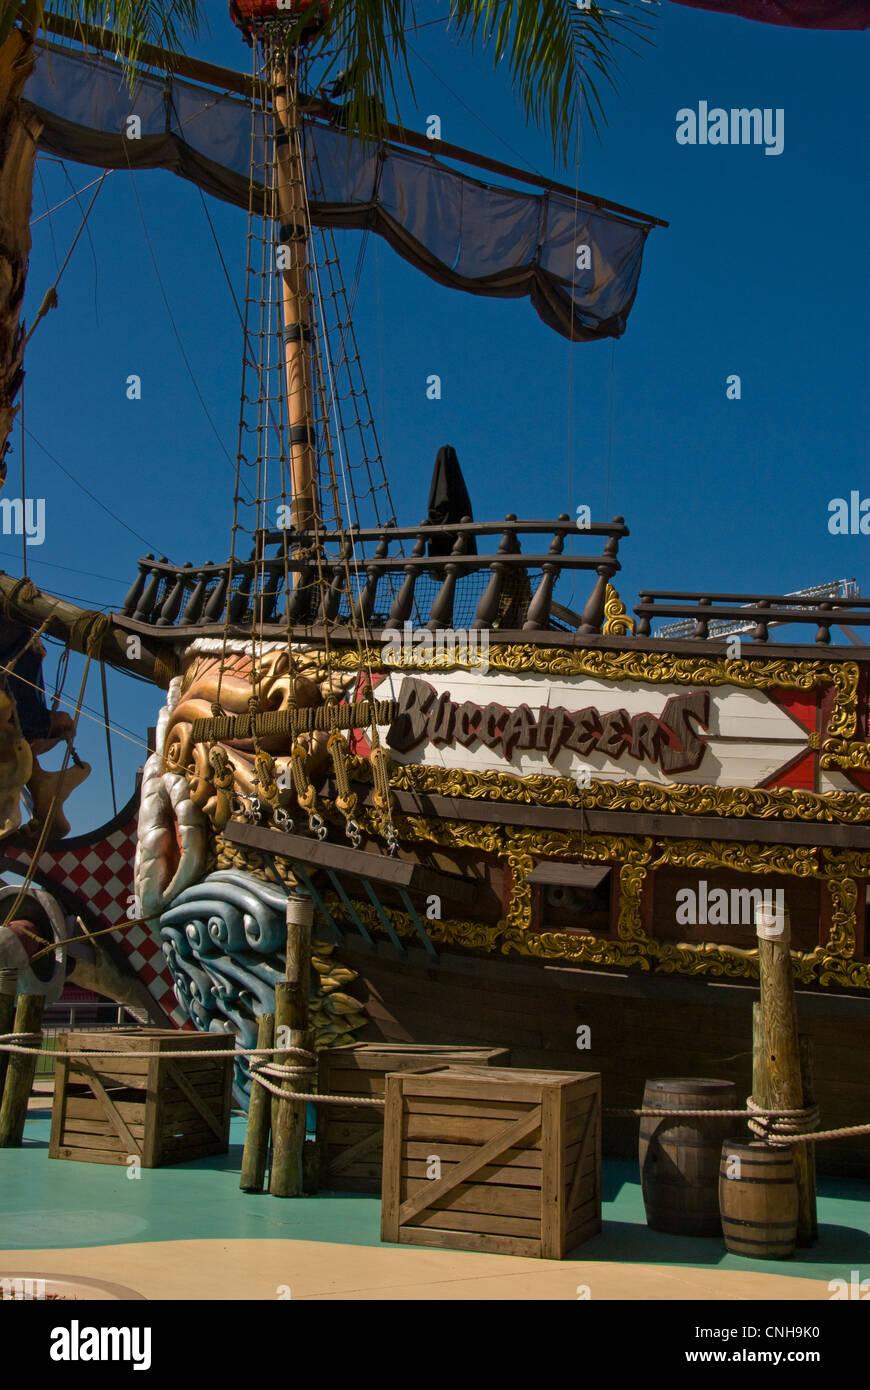 tampa bay pirate ship